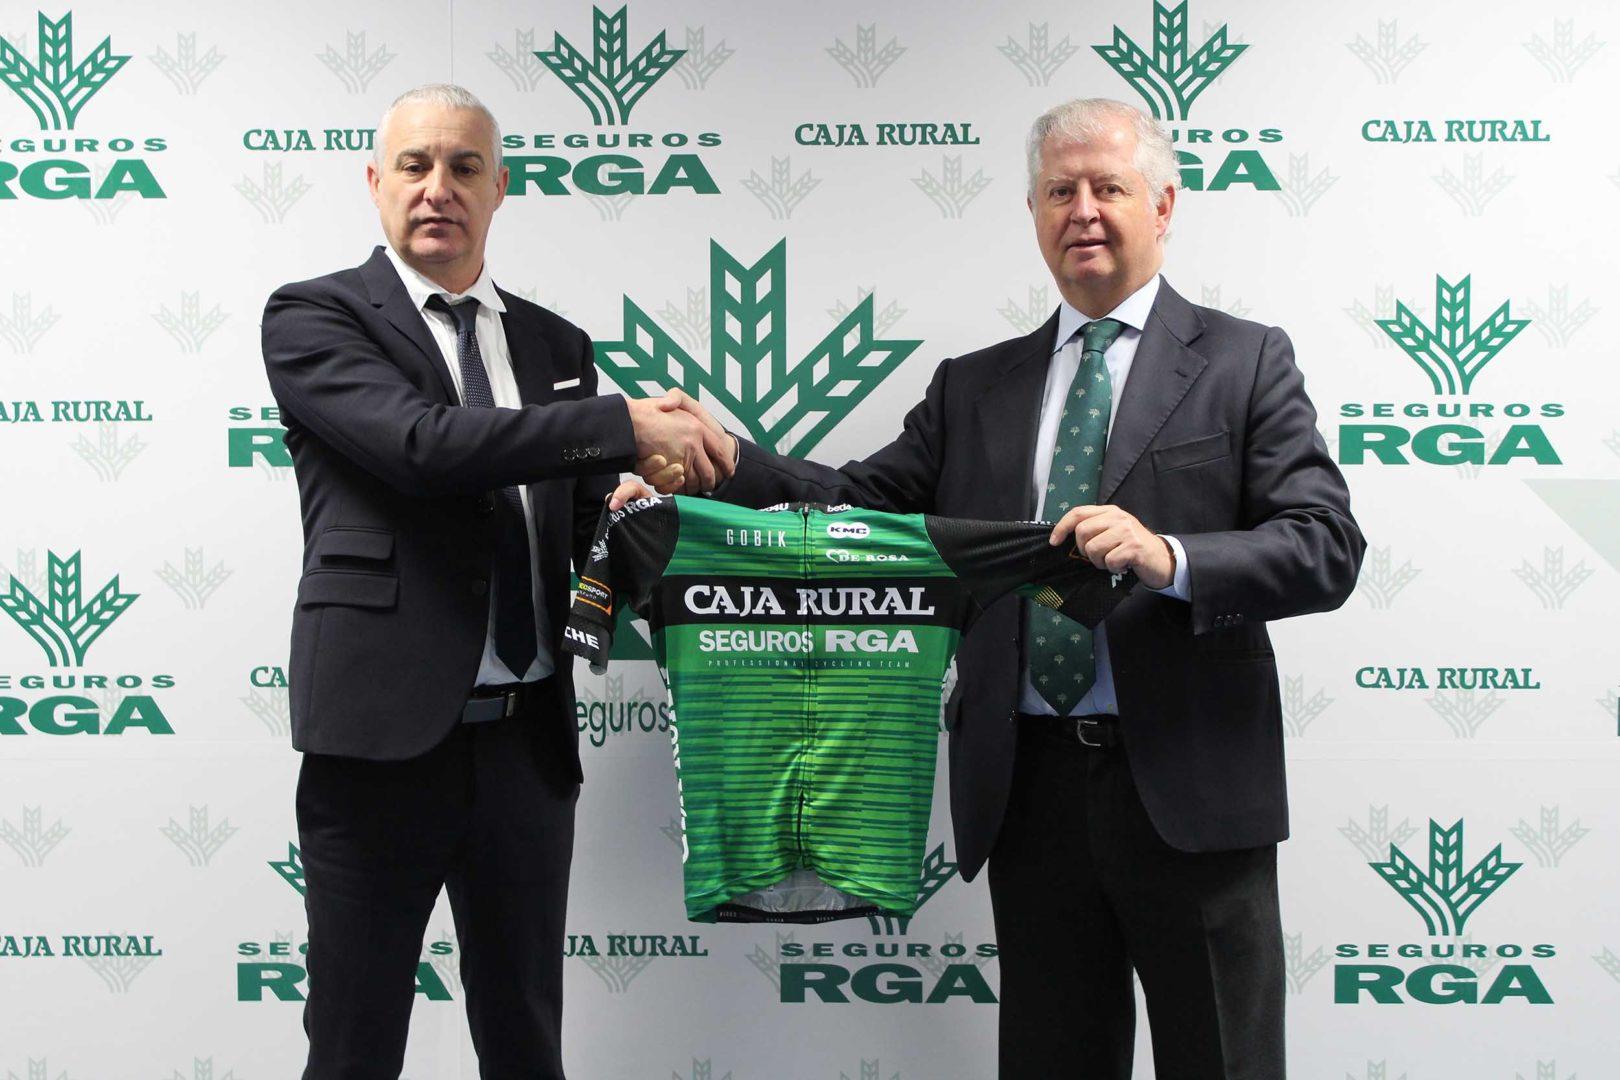 El conjunto Caja Rural RGA Seguros renueva su patrocino con el ciclismo por dos años más